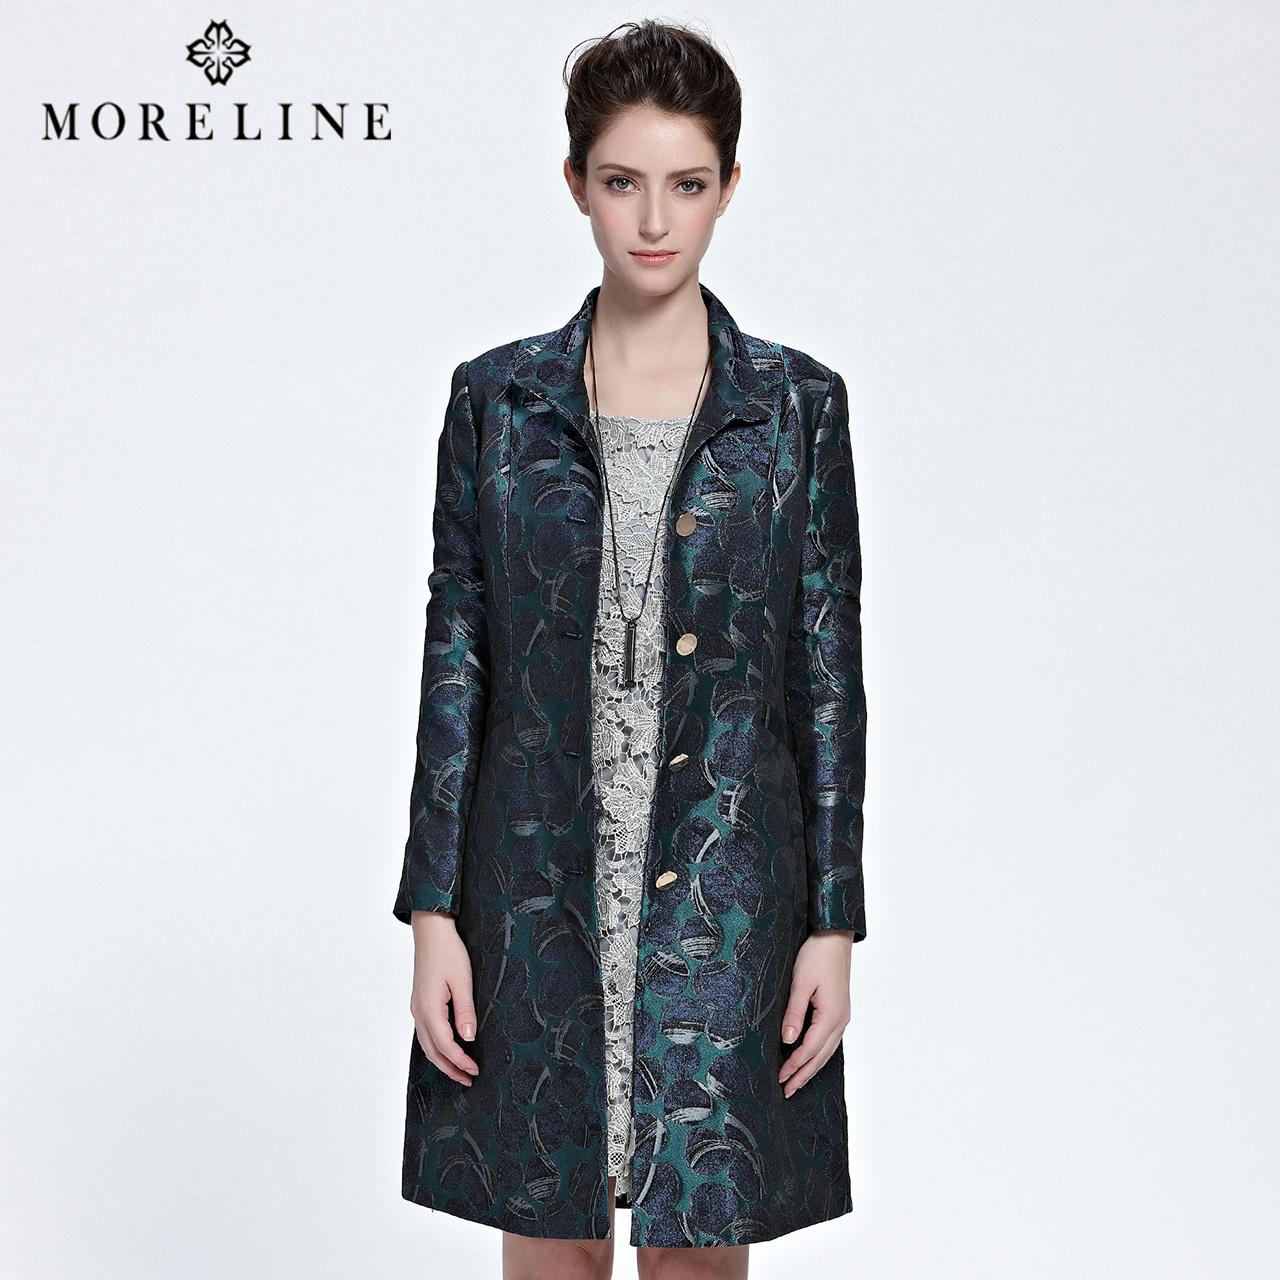 MORELINE沐兰秋季薄款复古立领时尚印花长袖风衣外套